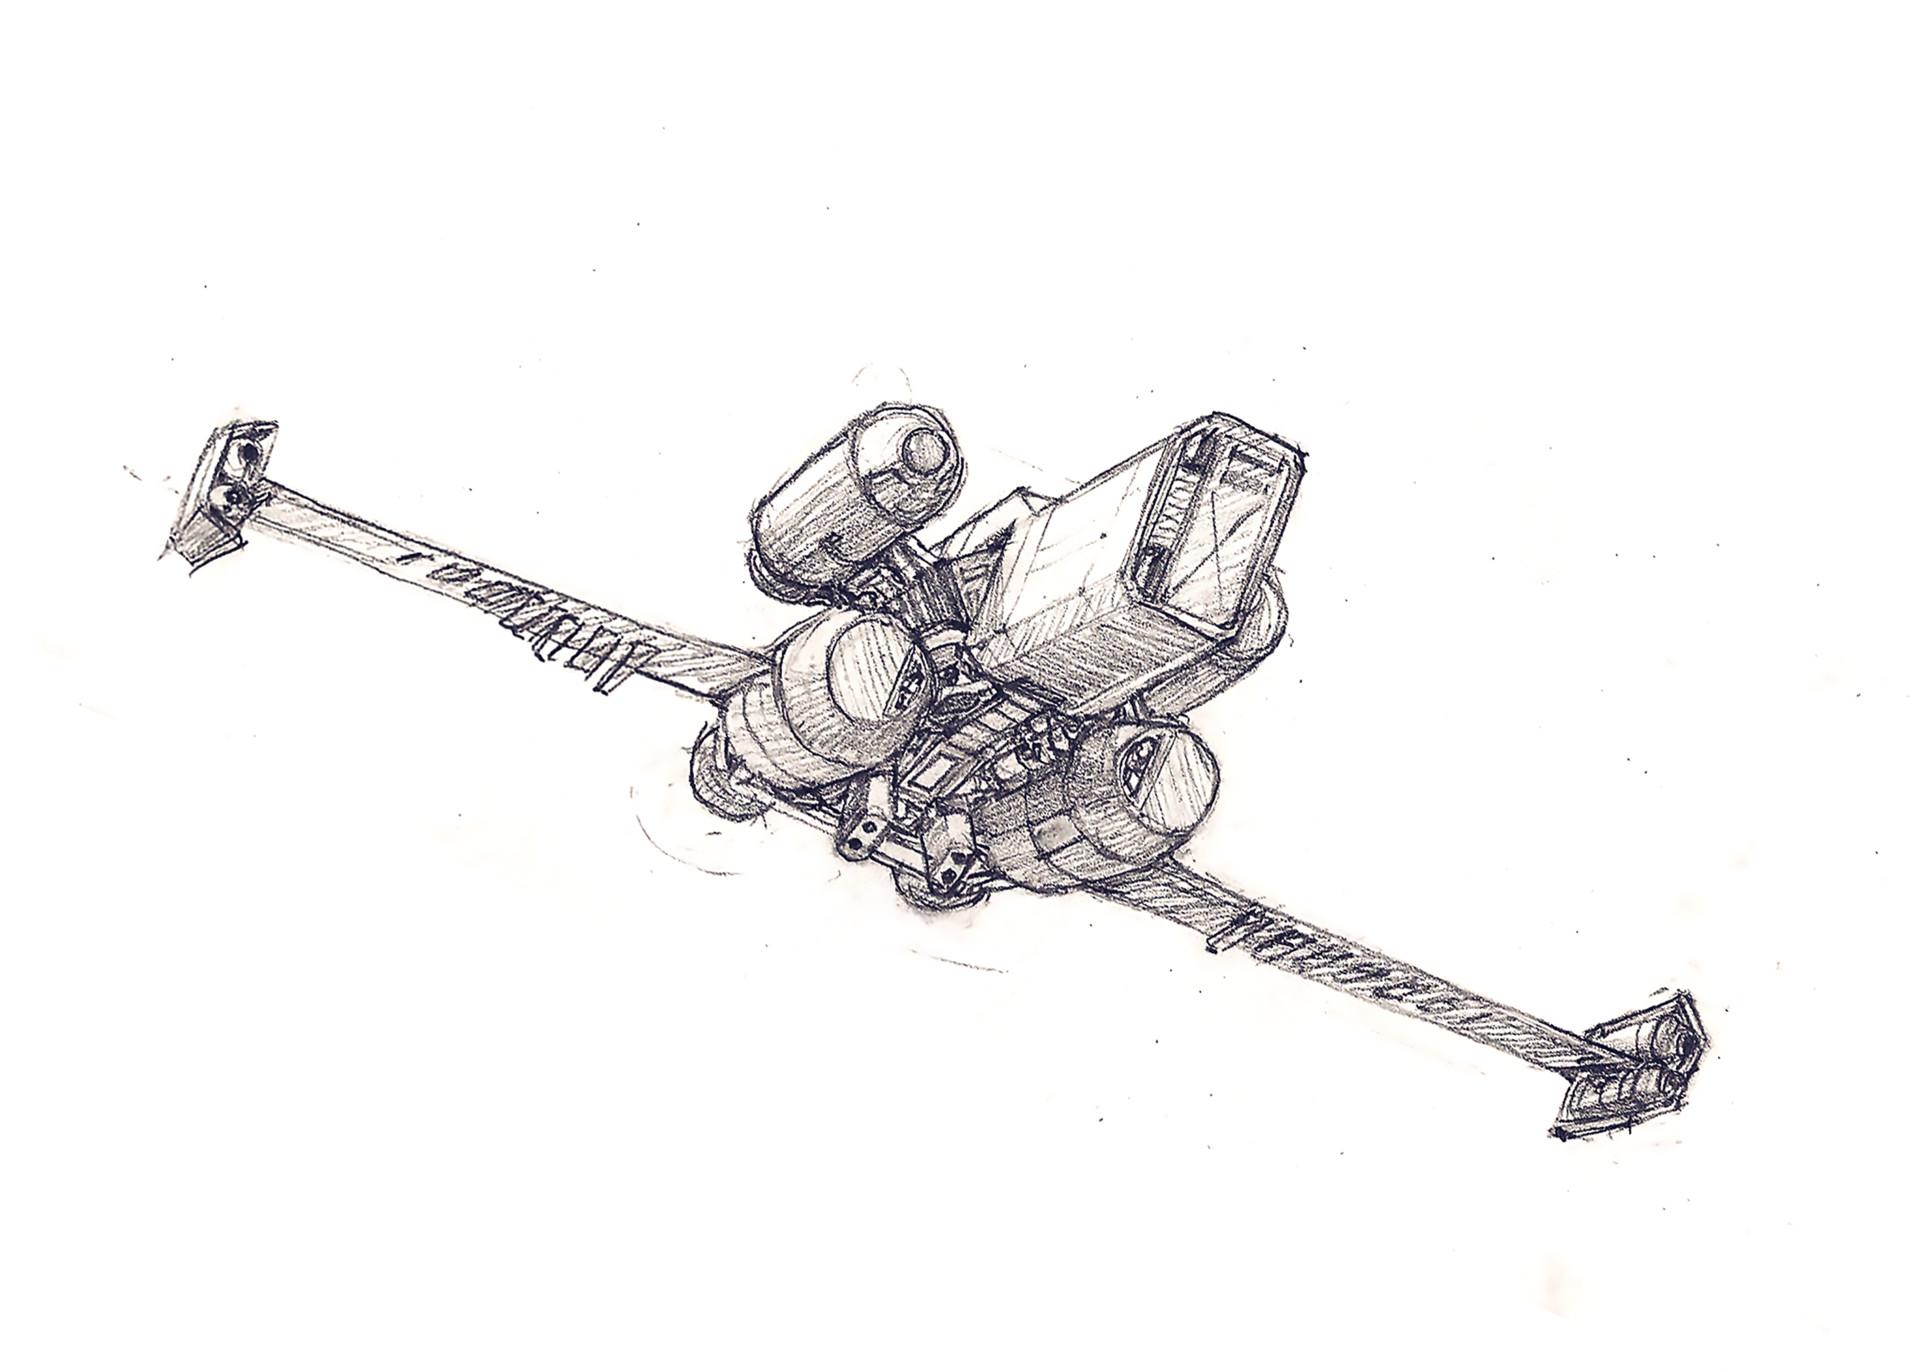 Eric geusz landing wip1